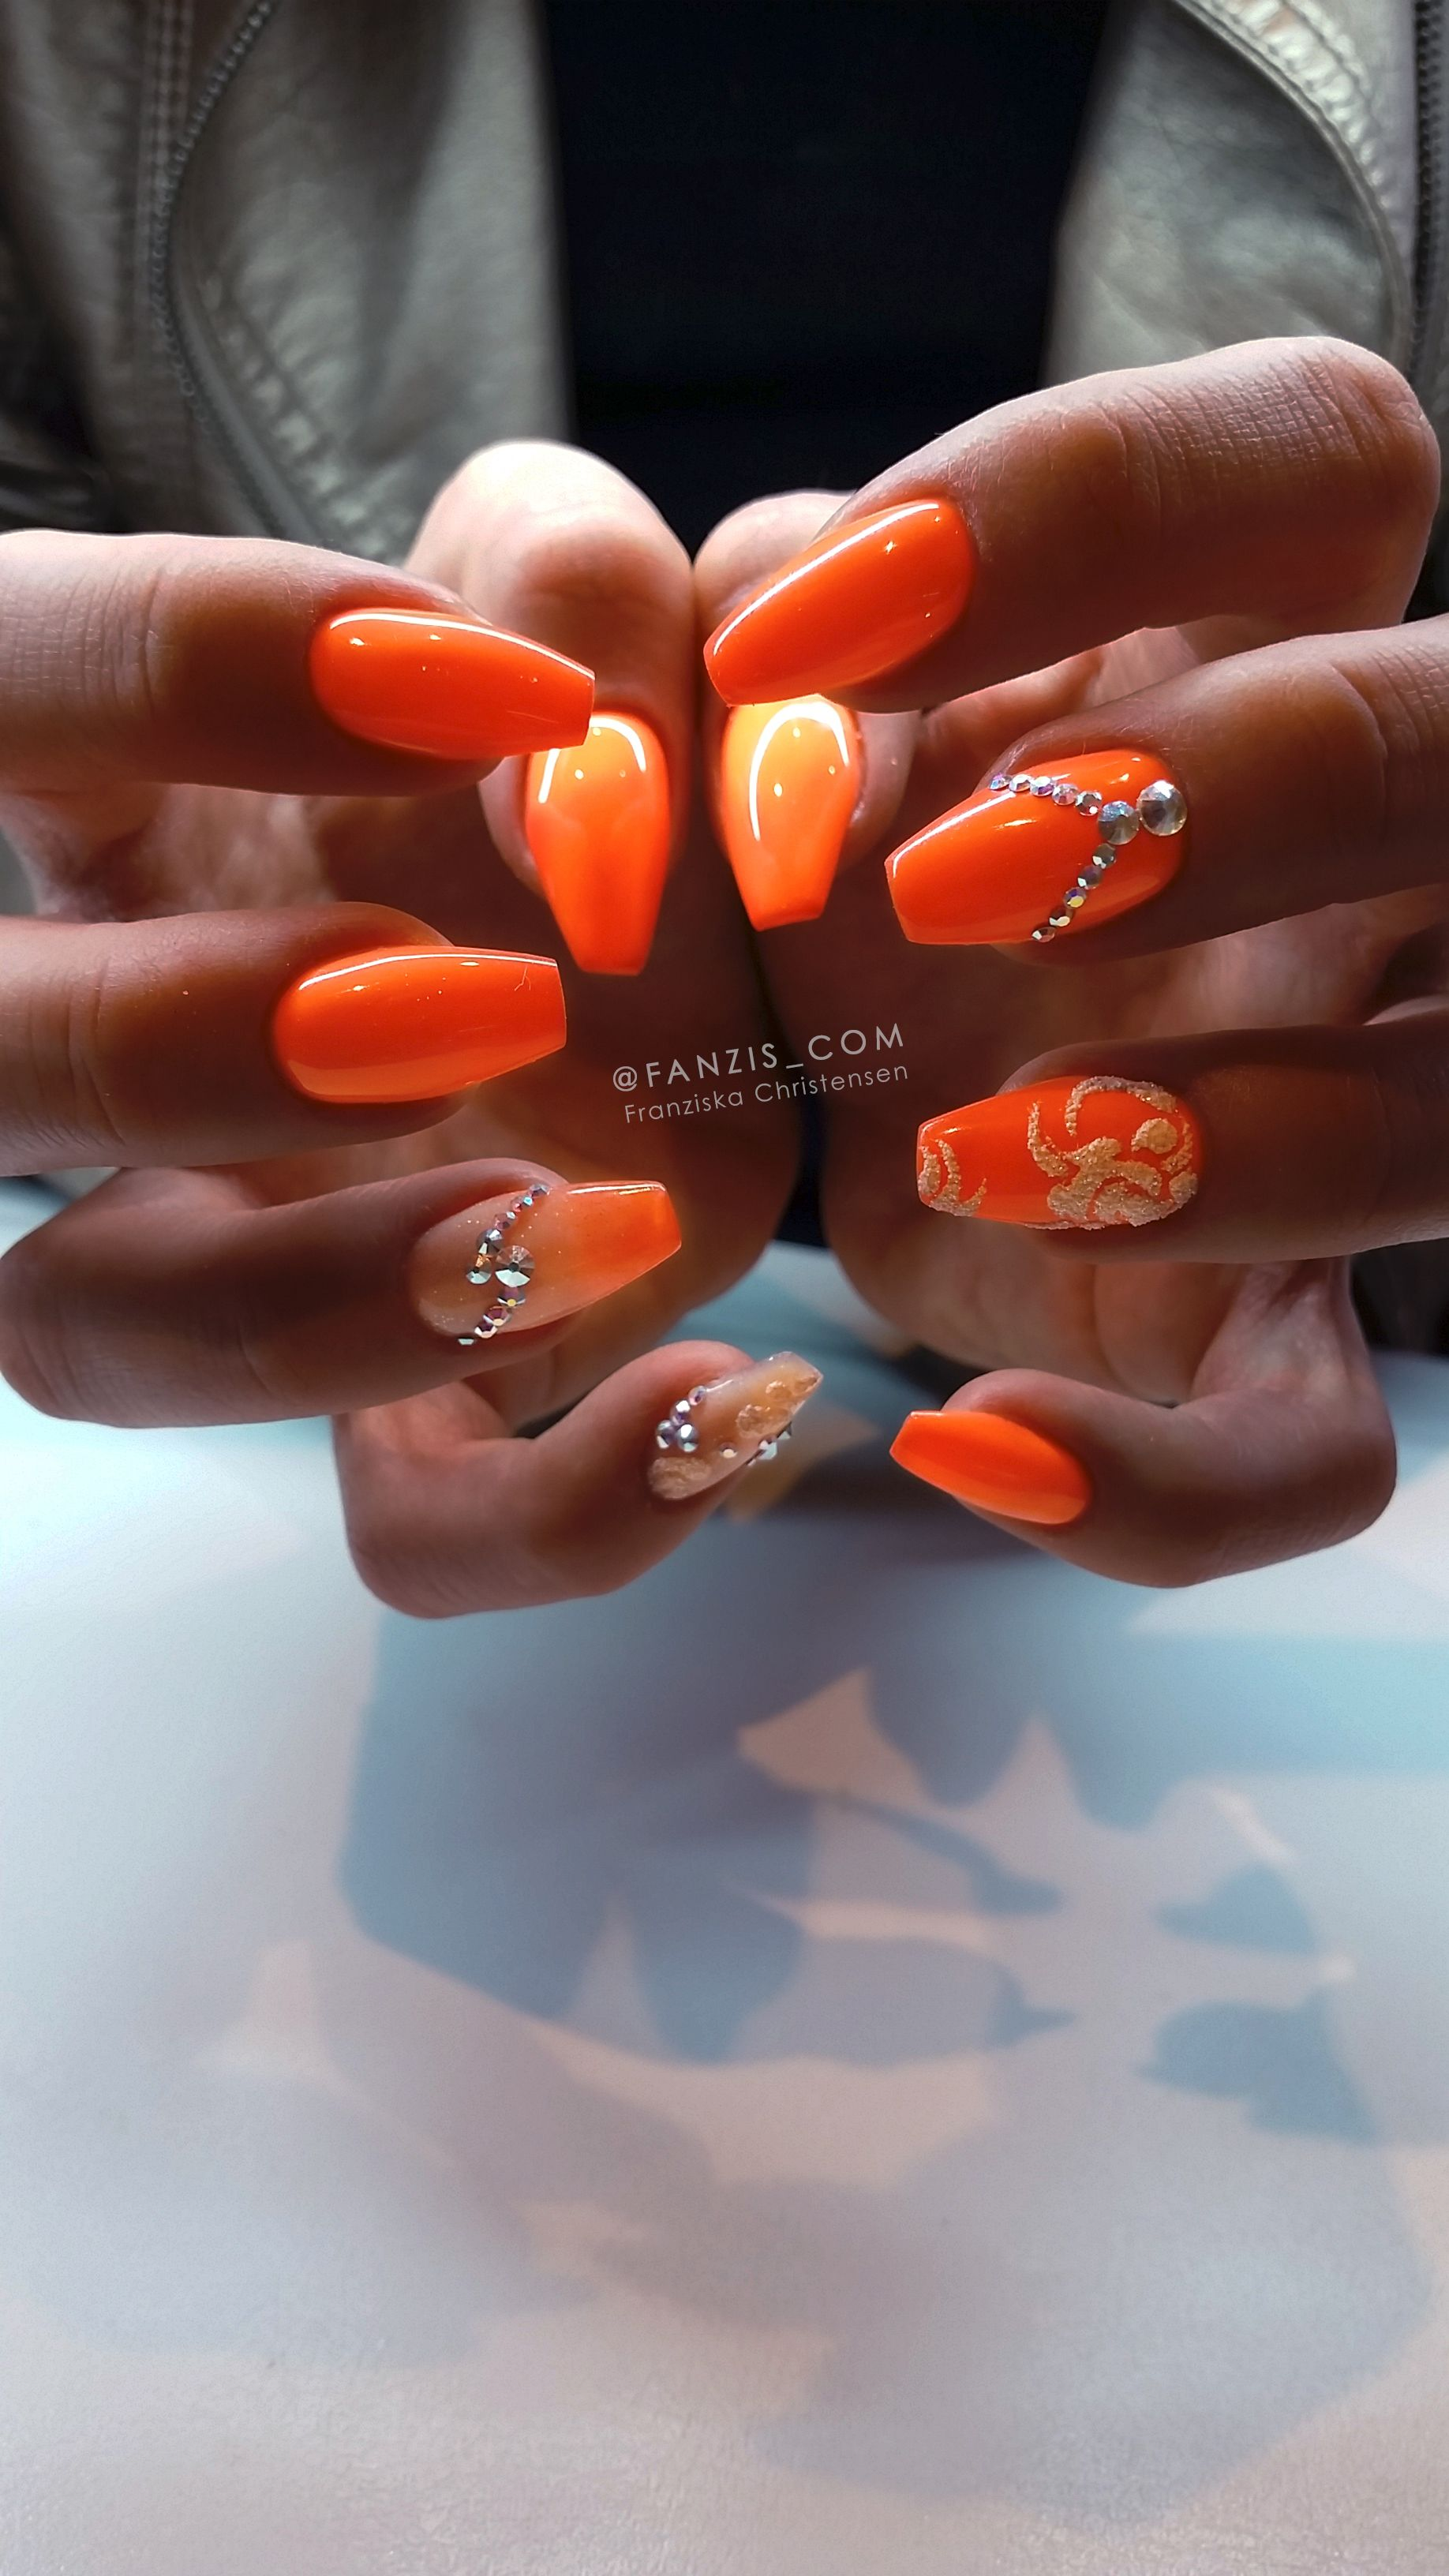 Neon Orange Nails In 2019 Orange Nails Neon Orange Nails Bling